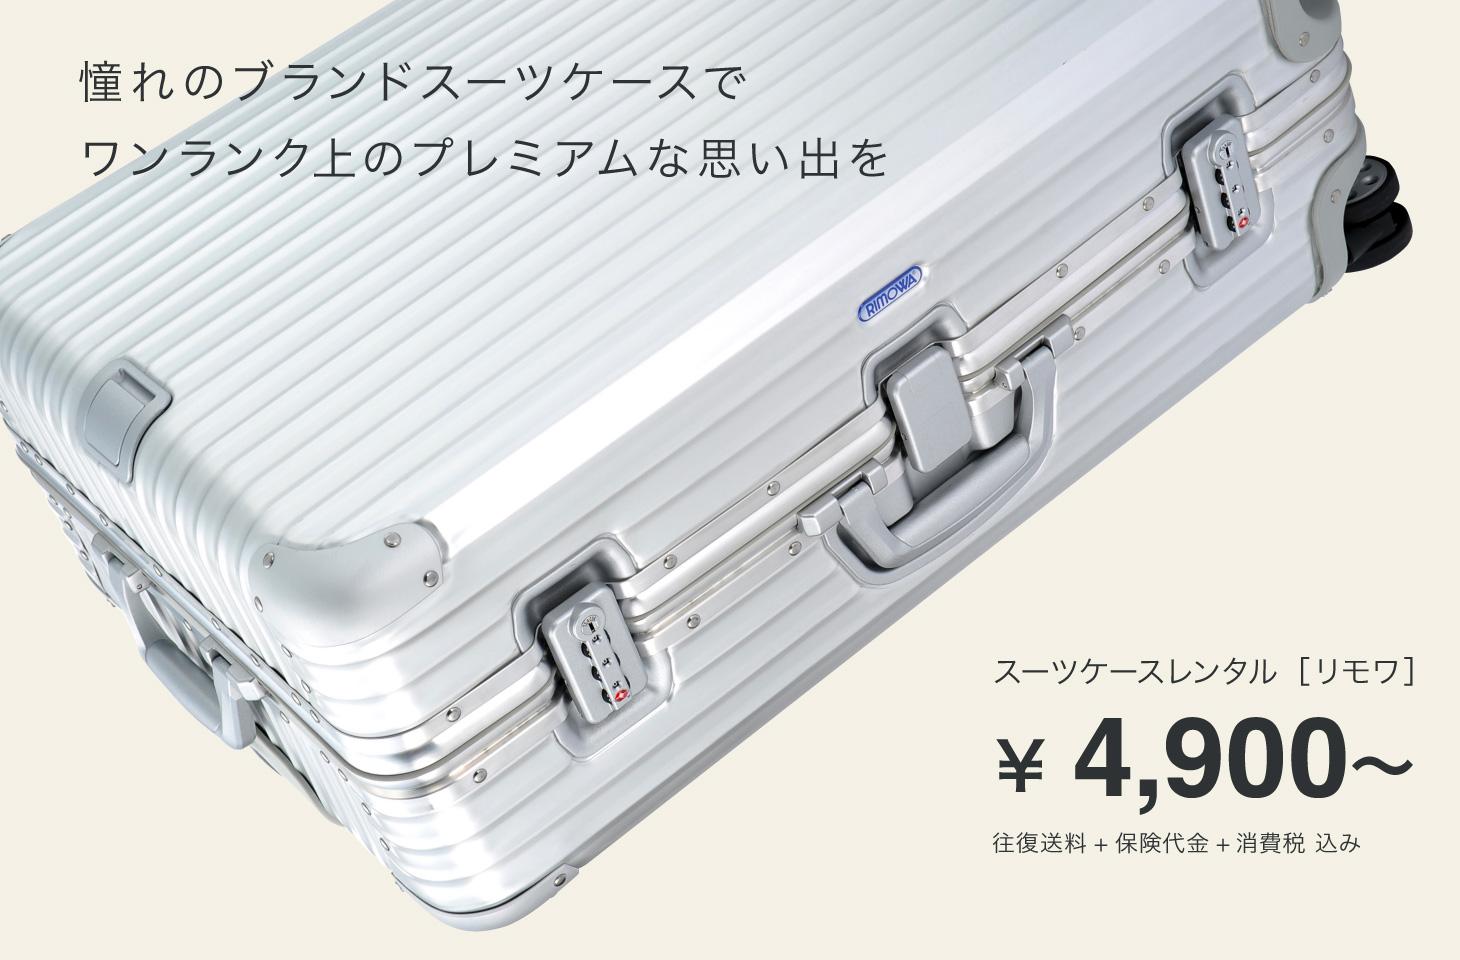 2a441013d8 憧れのブランドスーツケースでワンランク上のプレミアムな思い出を スーツケースレンタル